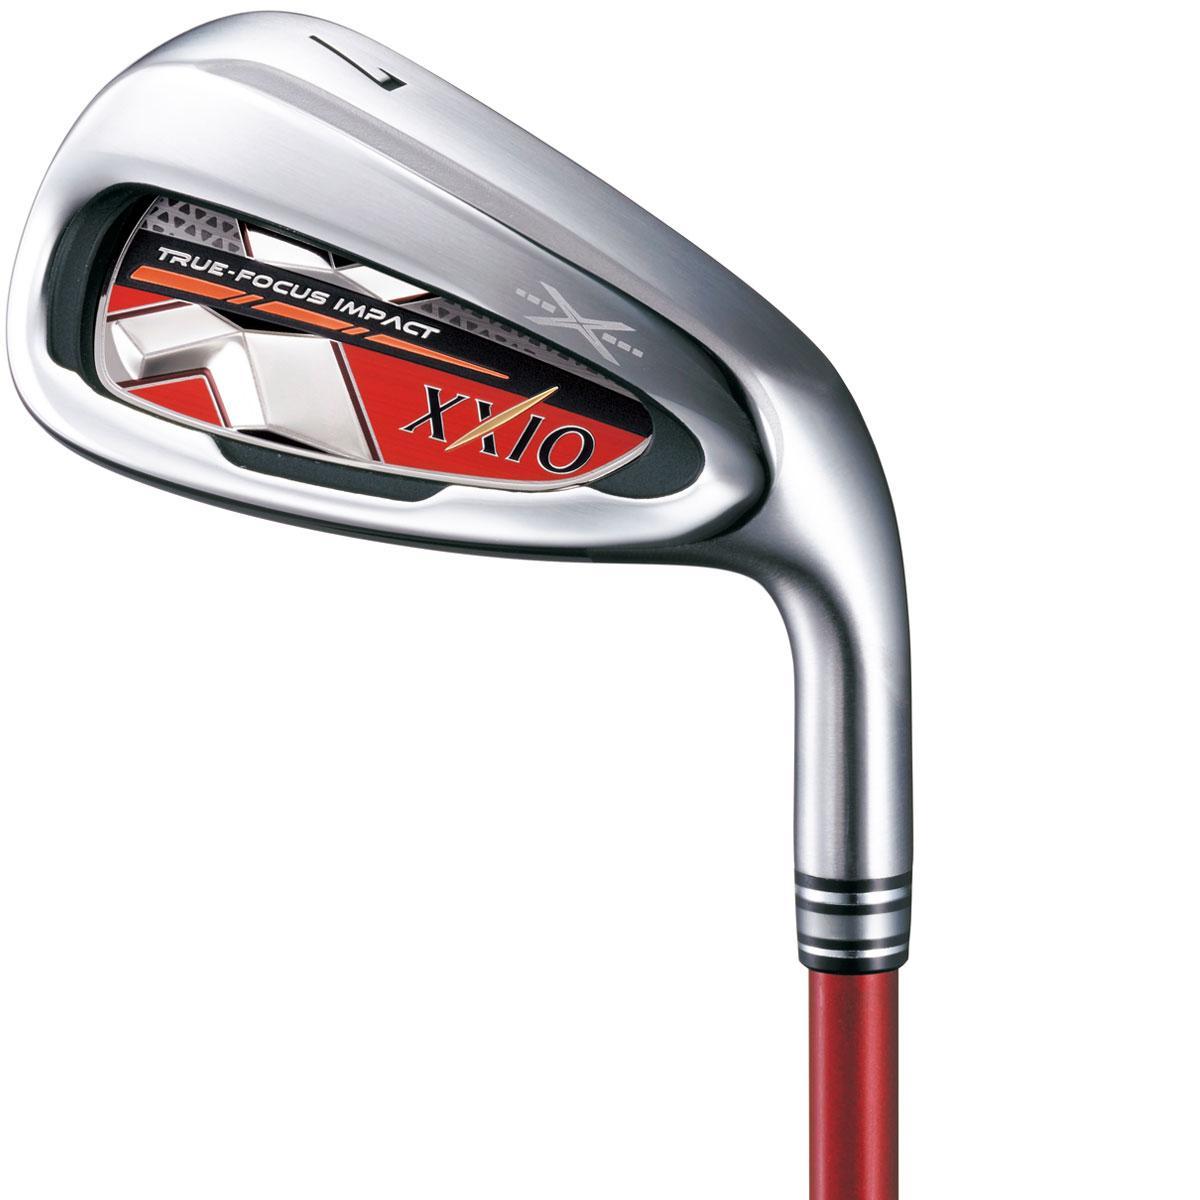 ダンロップ XXIO ゼクシオ テン アイアン(5本セット) カラーカスタムモデル(レッド) MP1000カーボン[ゴルフ用品 ゴルフ ボール ゴルフボール golf gdo ギフト 通販 ]